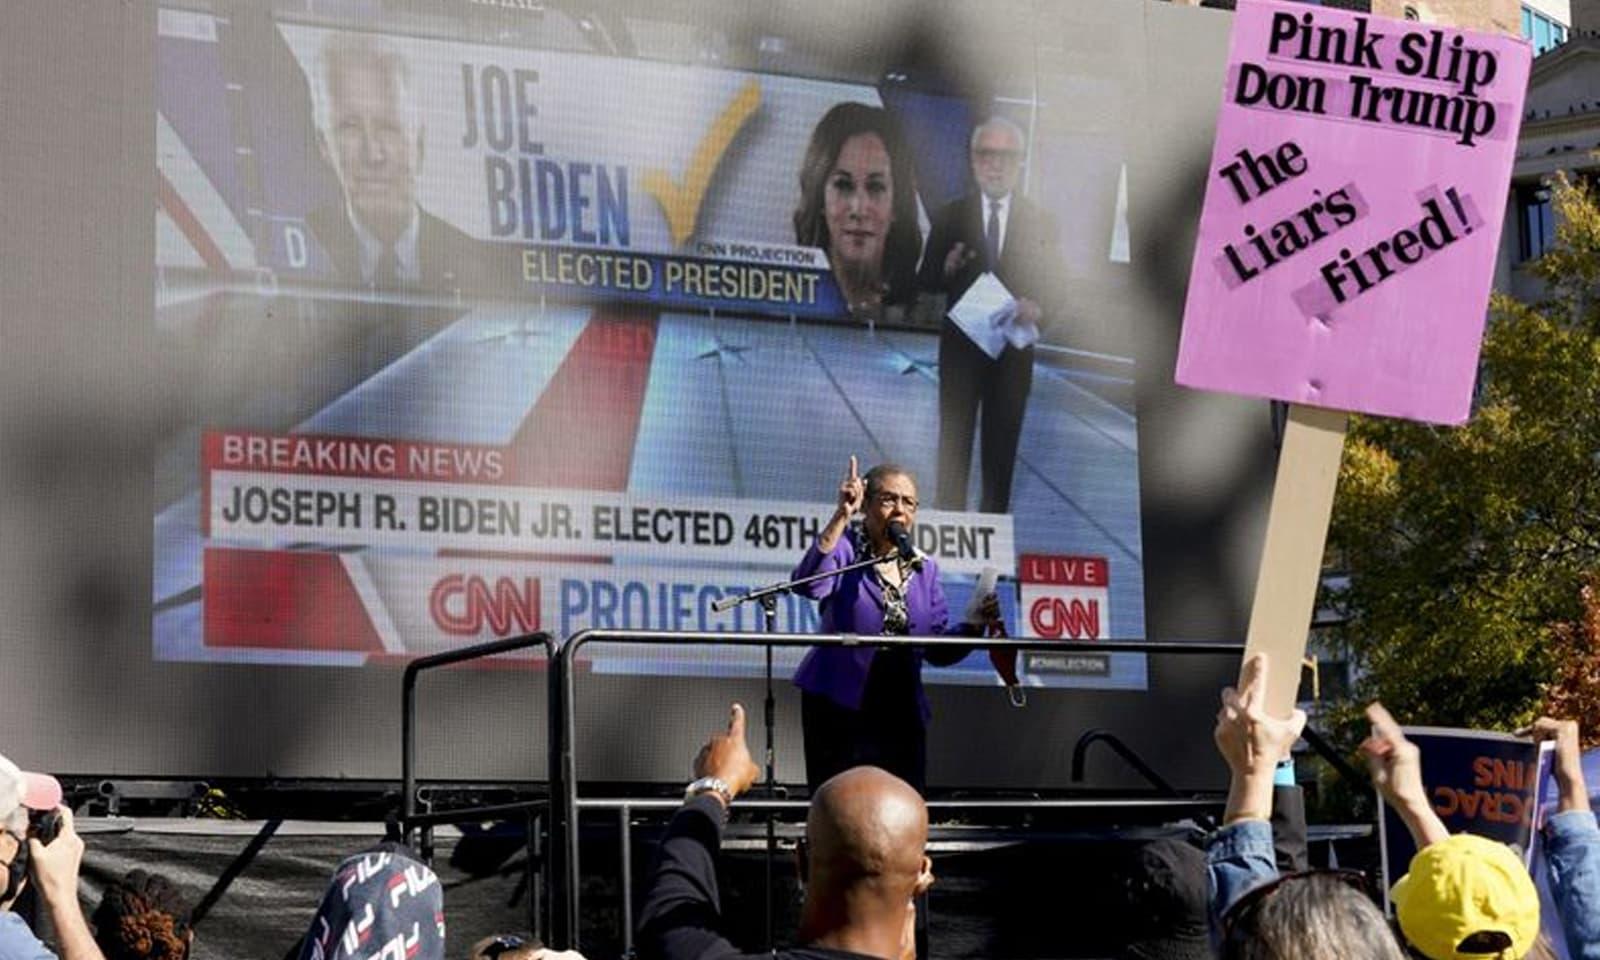 اس موقع پر واشنگٹن مک فرسن اسکوائر بھی ایک جم غفیر دیکھا گیا —فوٹو: اے  پی